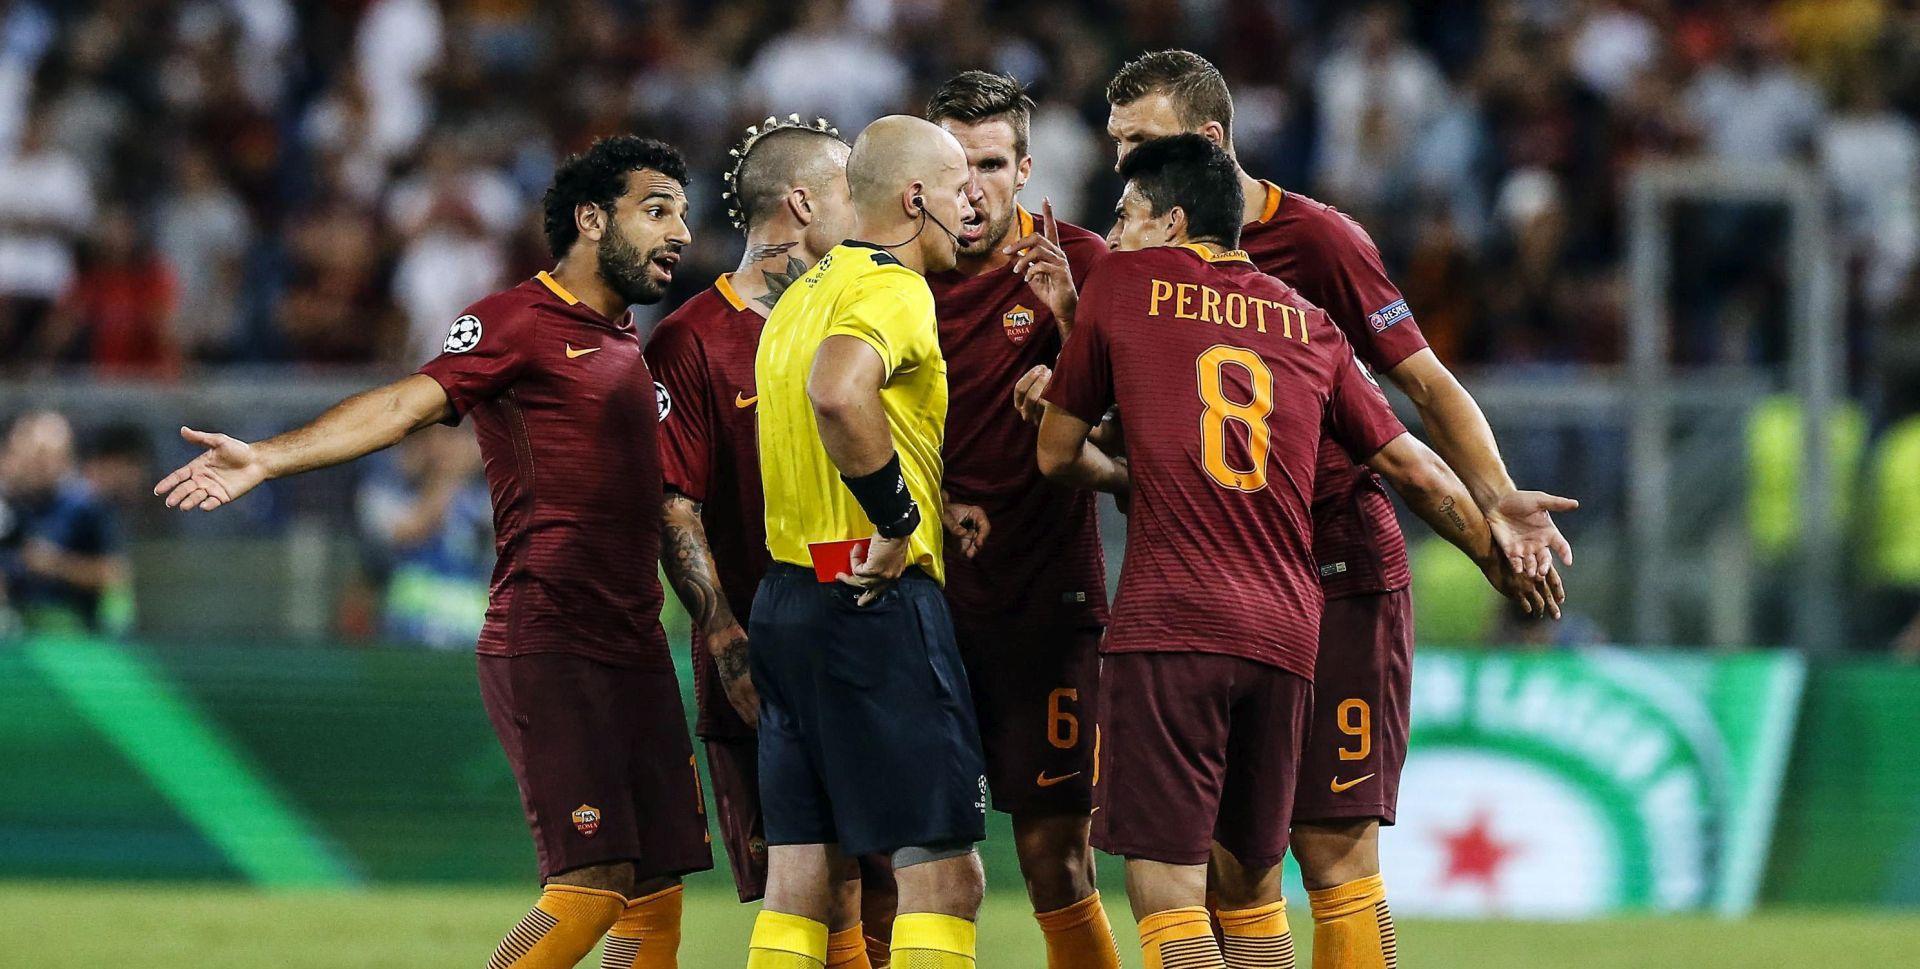 PLAYOFF LIGE PRVAKA Roma ispala s dva igrača manje, prolazak Monaca I Celtica